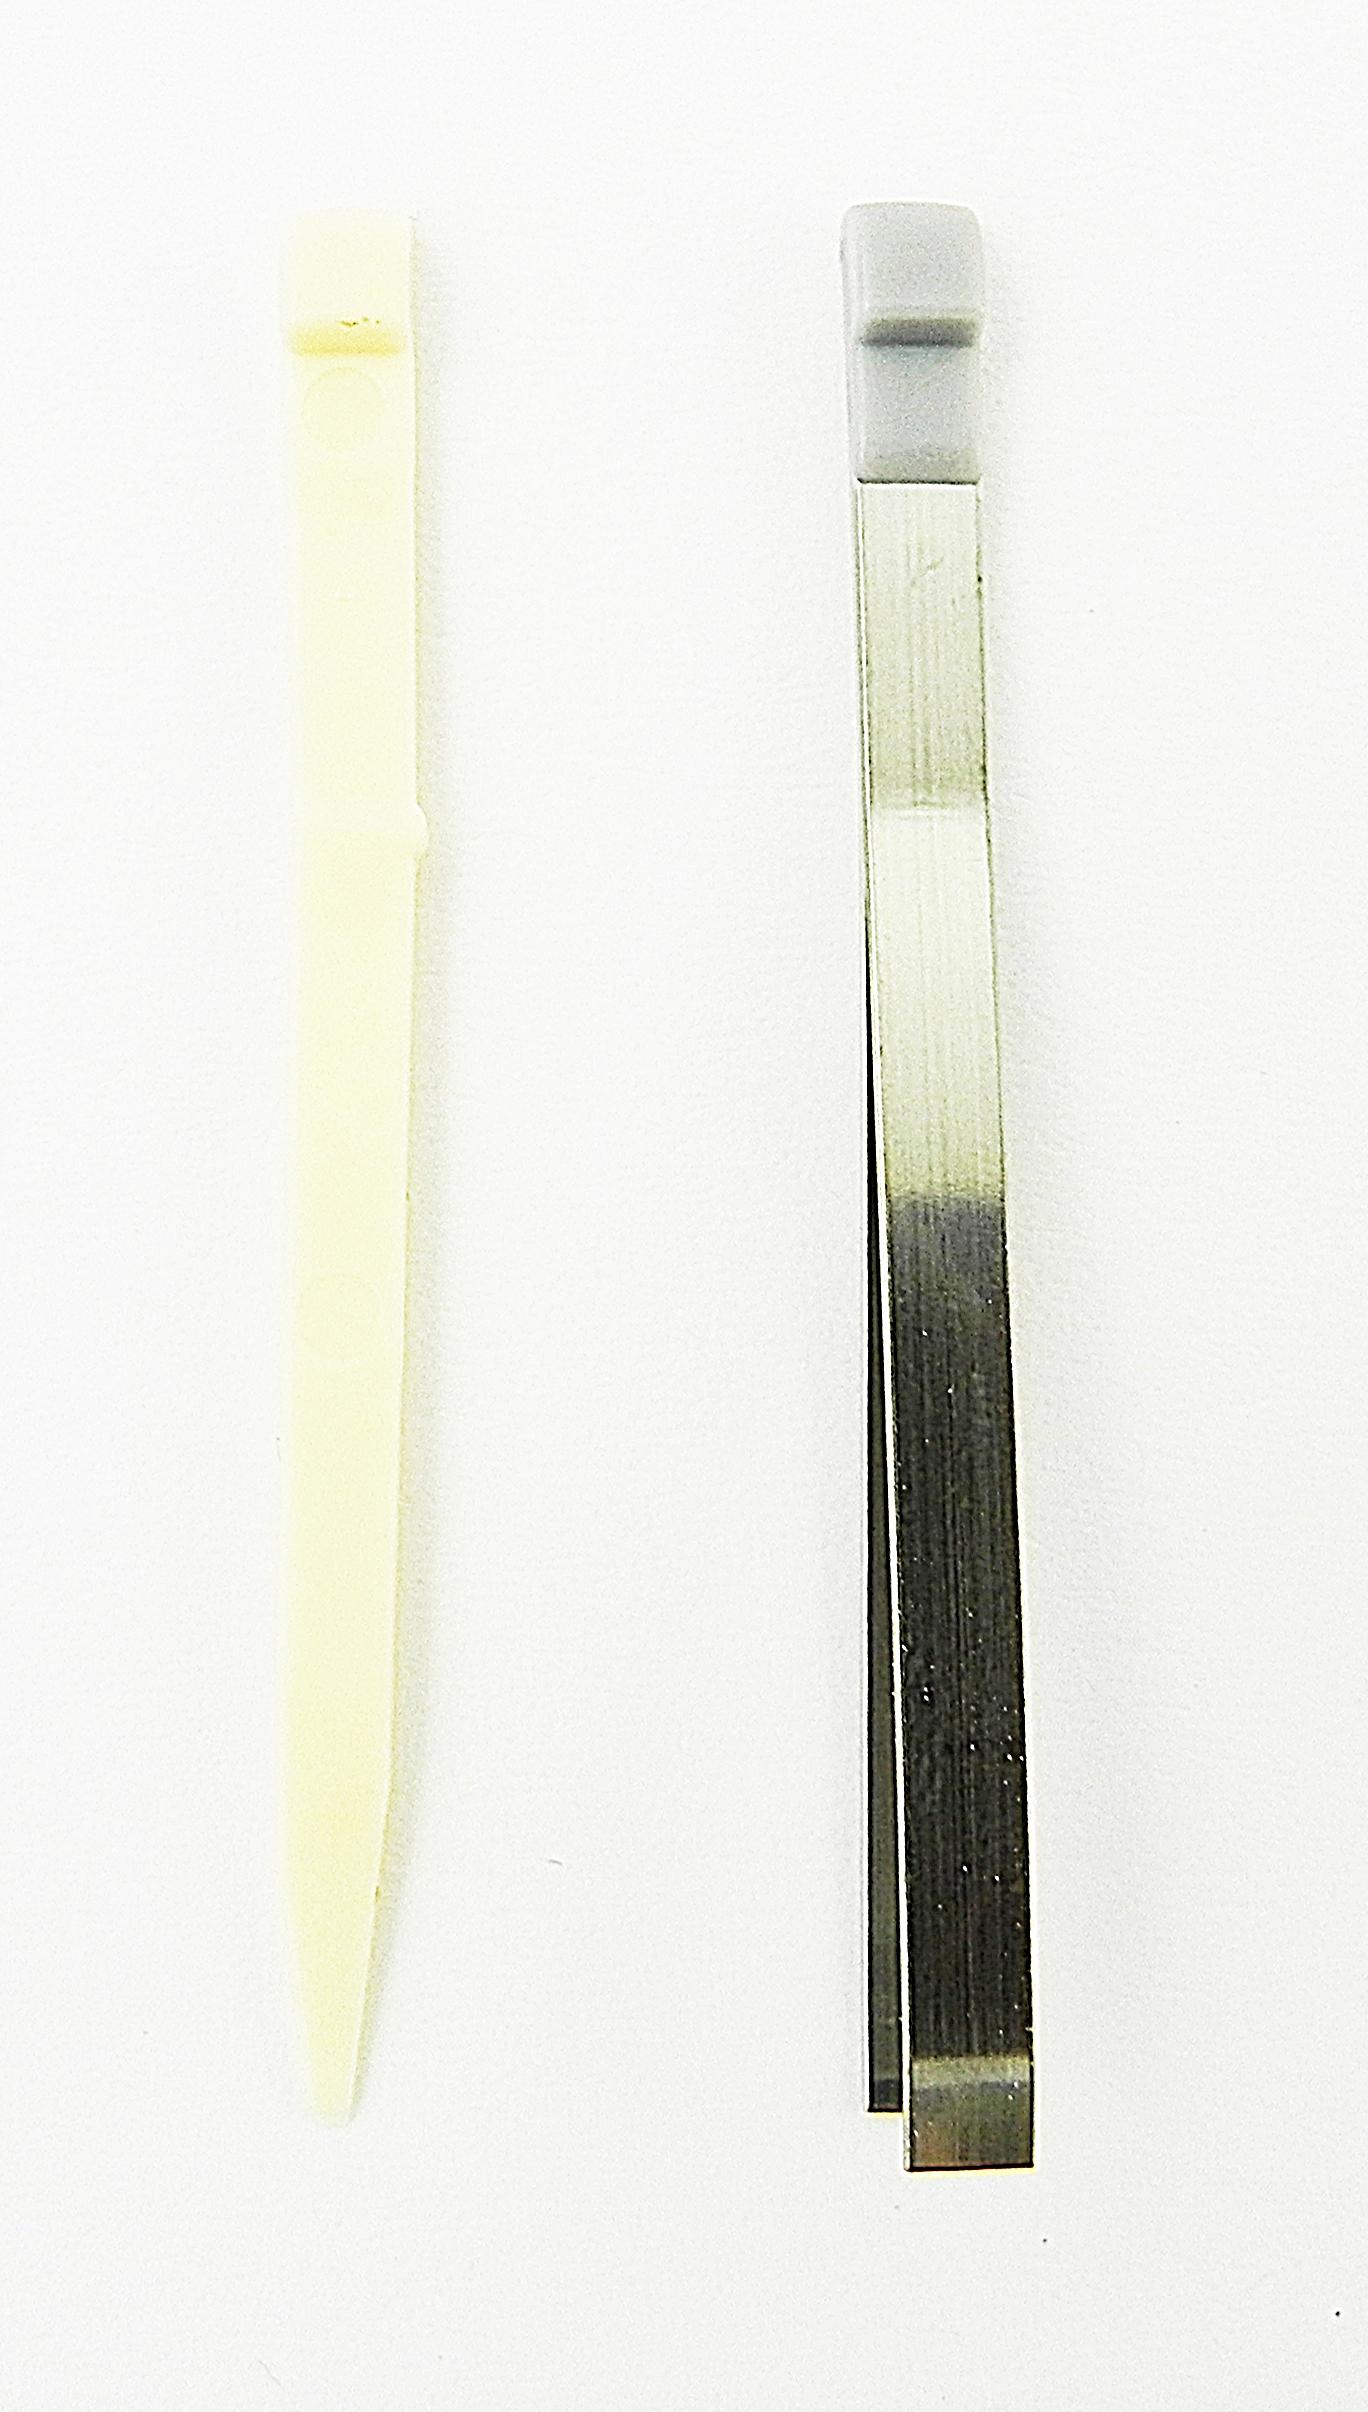 Victorinox Tweezers And Toothpick For 58 Mm